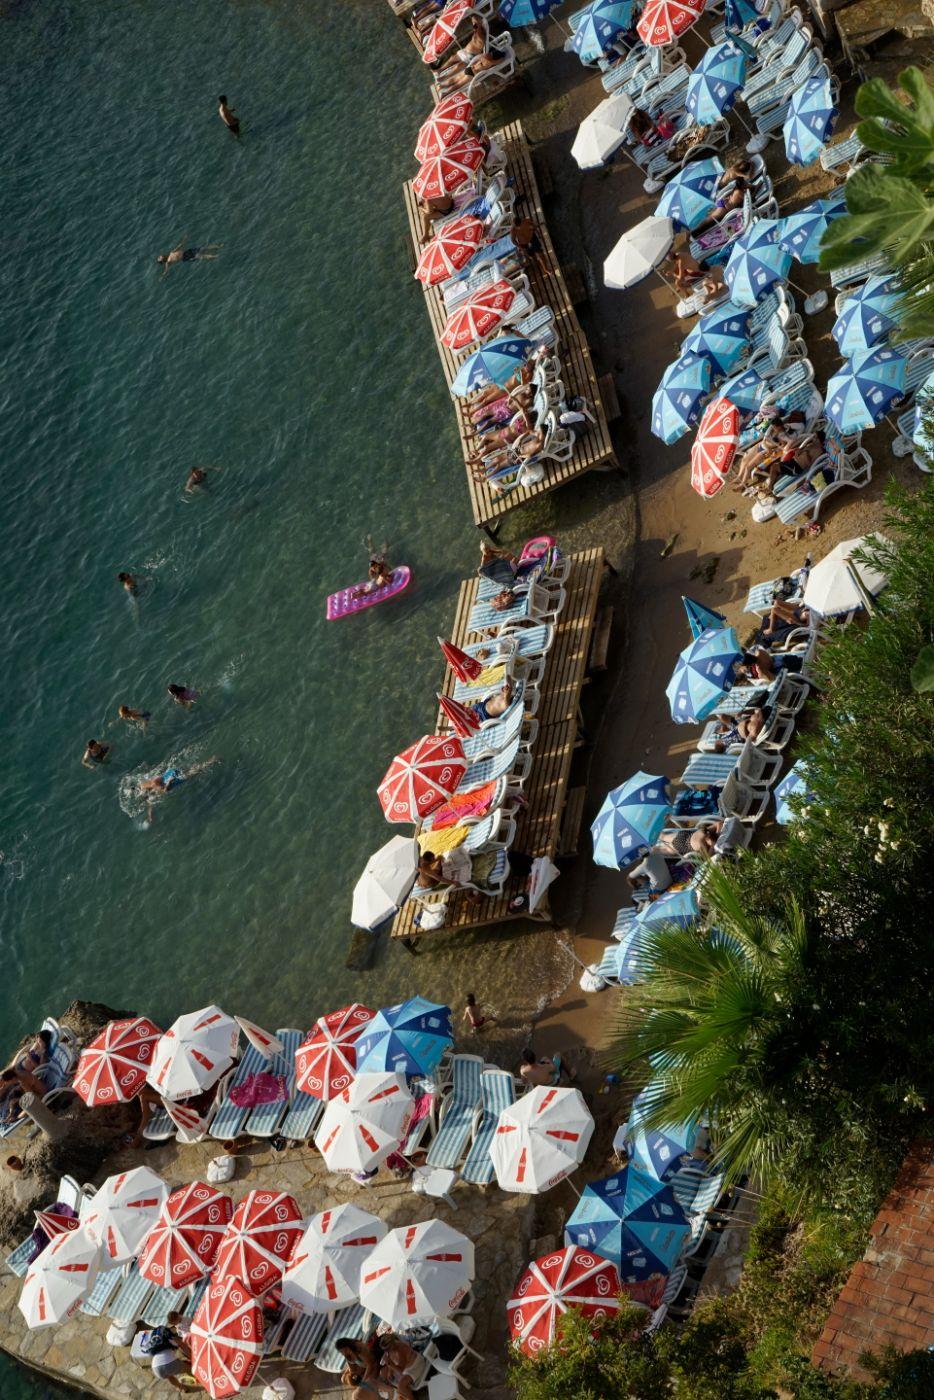 Crowded beach, Turkey